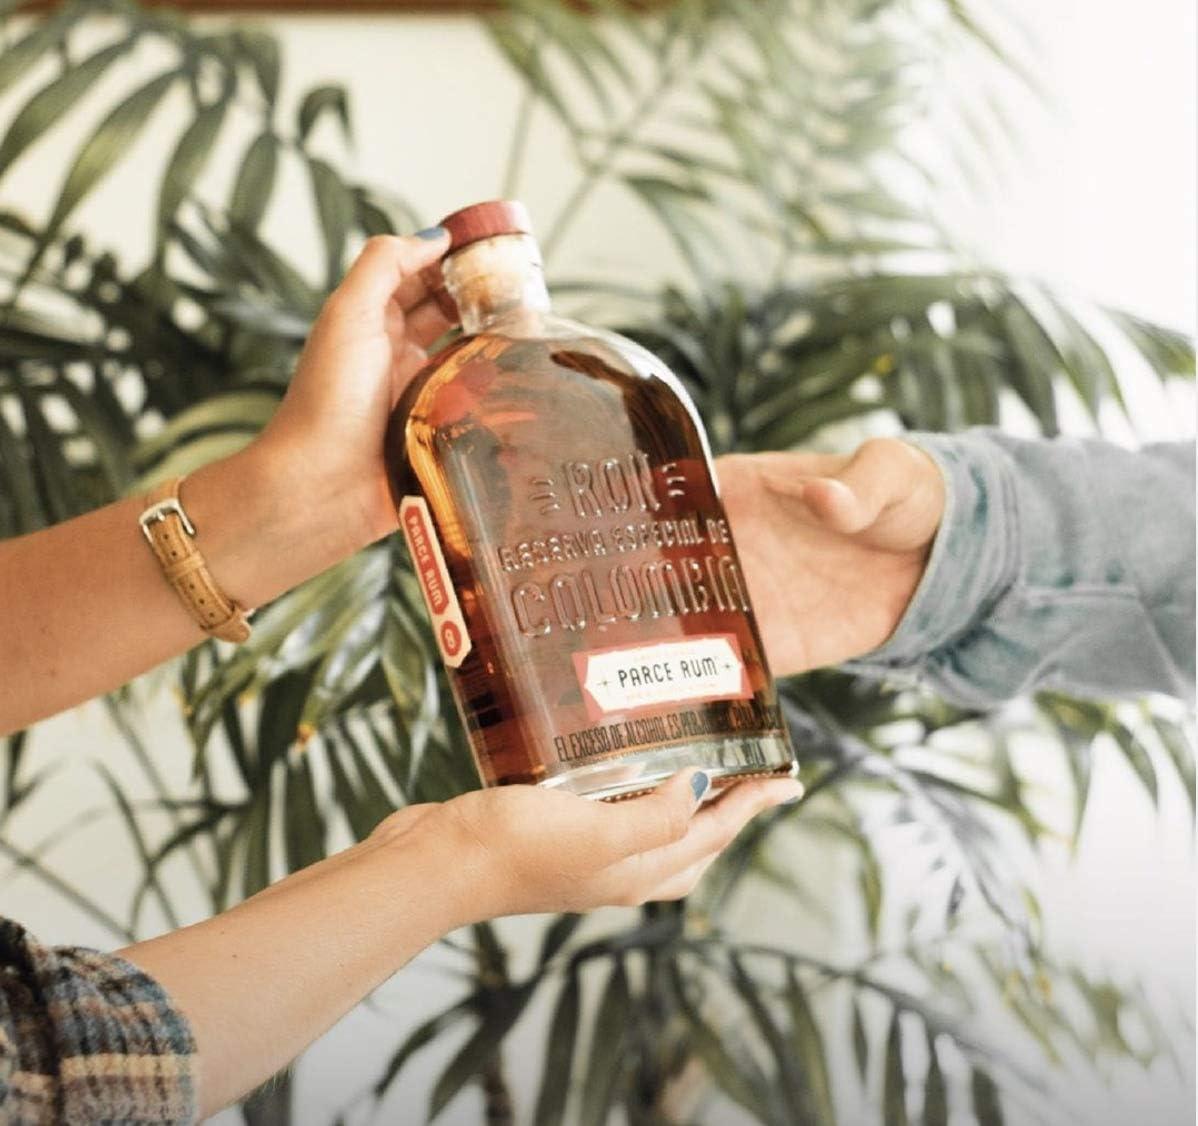 Parce Rum 8 años 700ml - gift box-: Amazon.es: Alimentación y ...